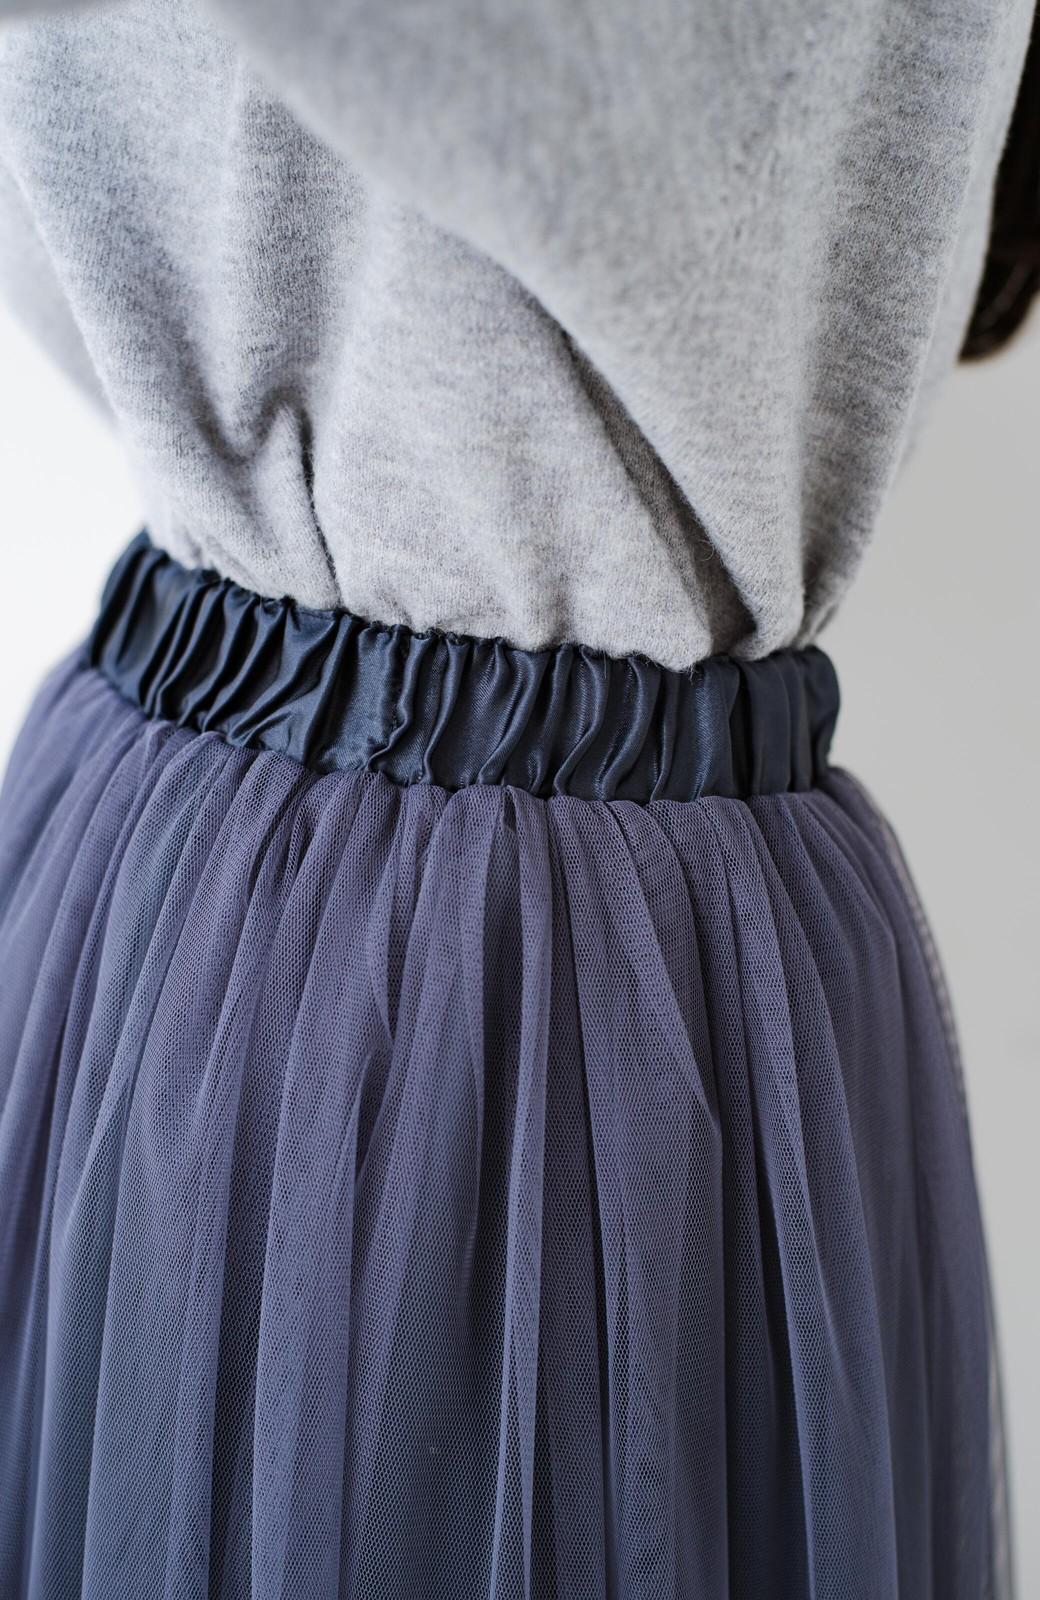 haco! 着るだけでルンとした気分になる! 長ーーい季節着られてずっと使えるオトナのためのチュールスカート <ネイビー>の商品写真9